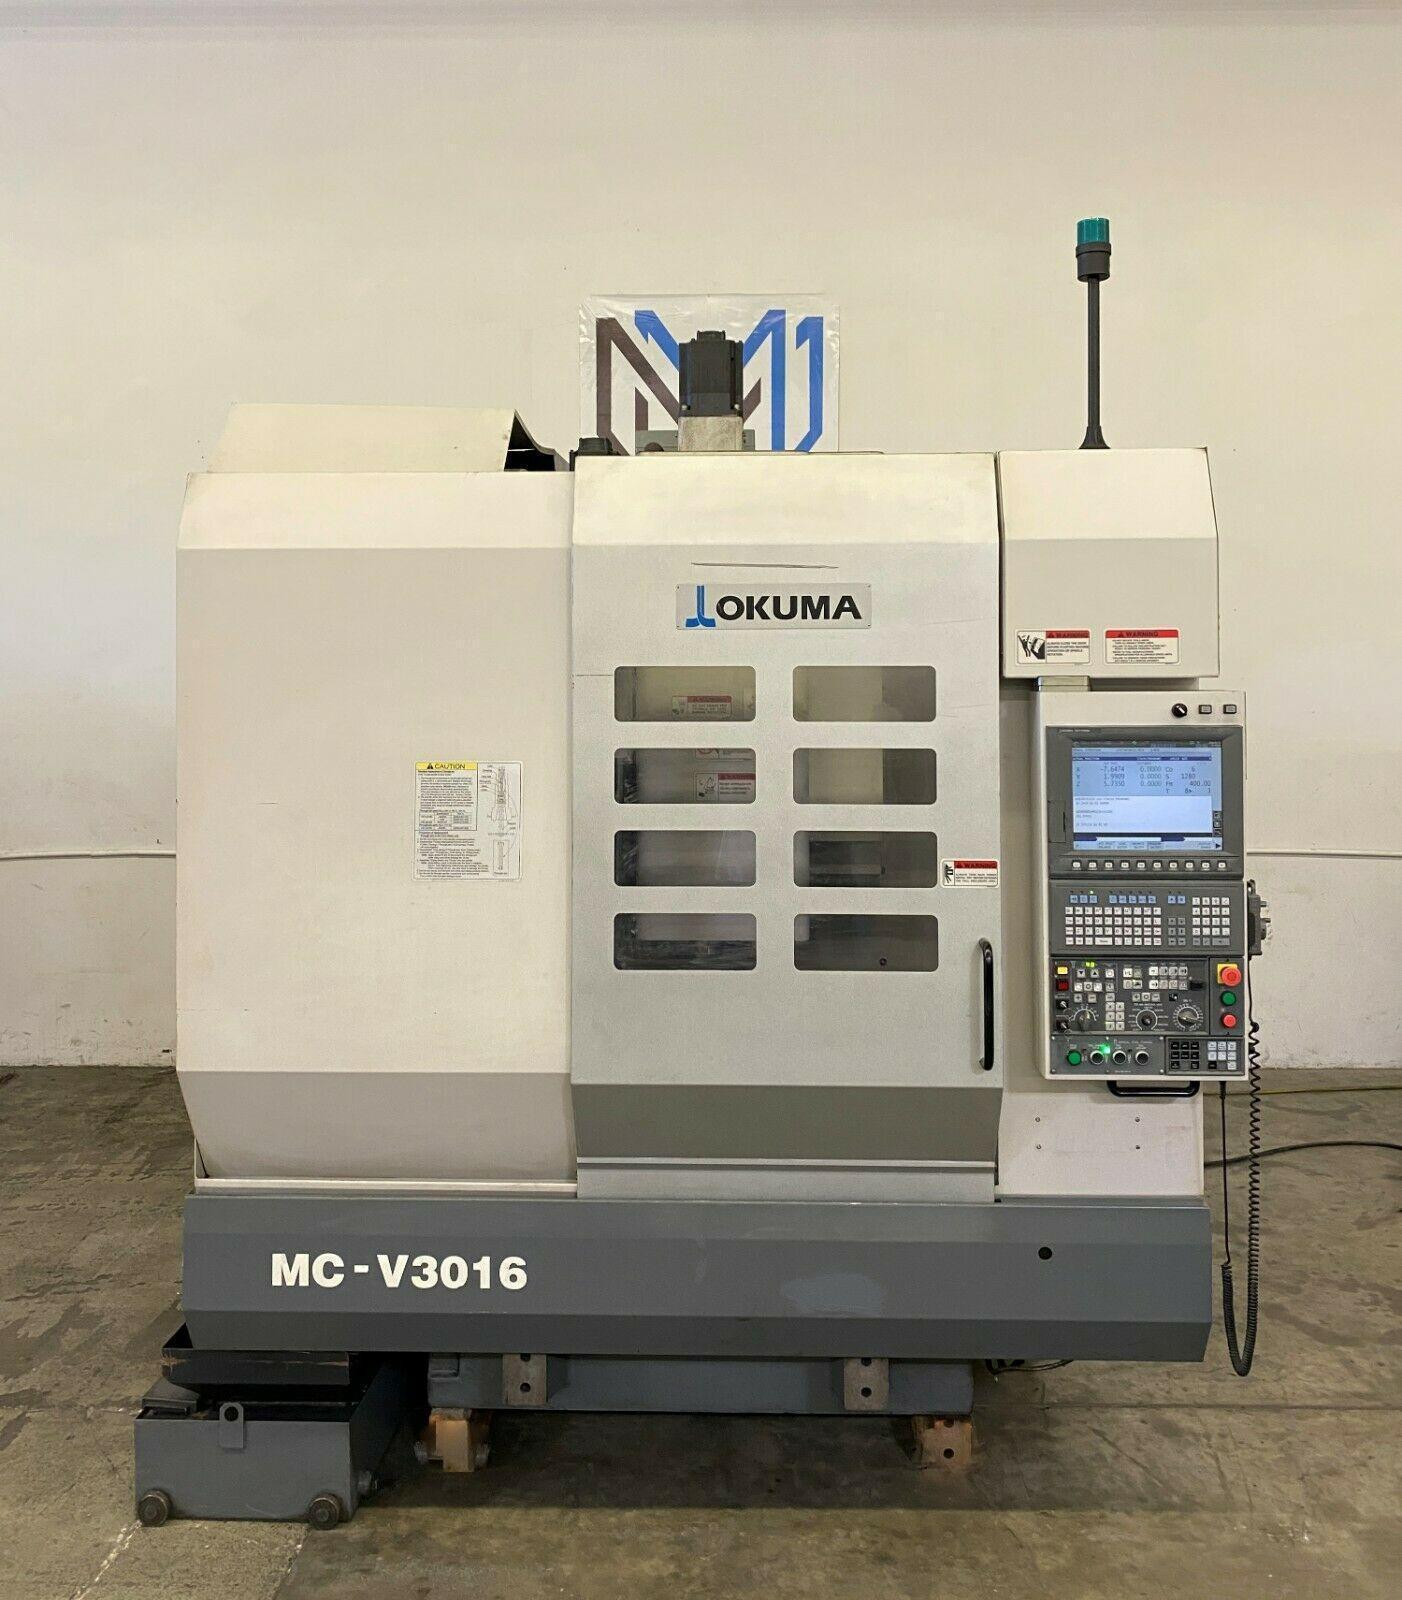 OKUMA MC-V3016 VERTICAL MACHINING CENTER